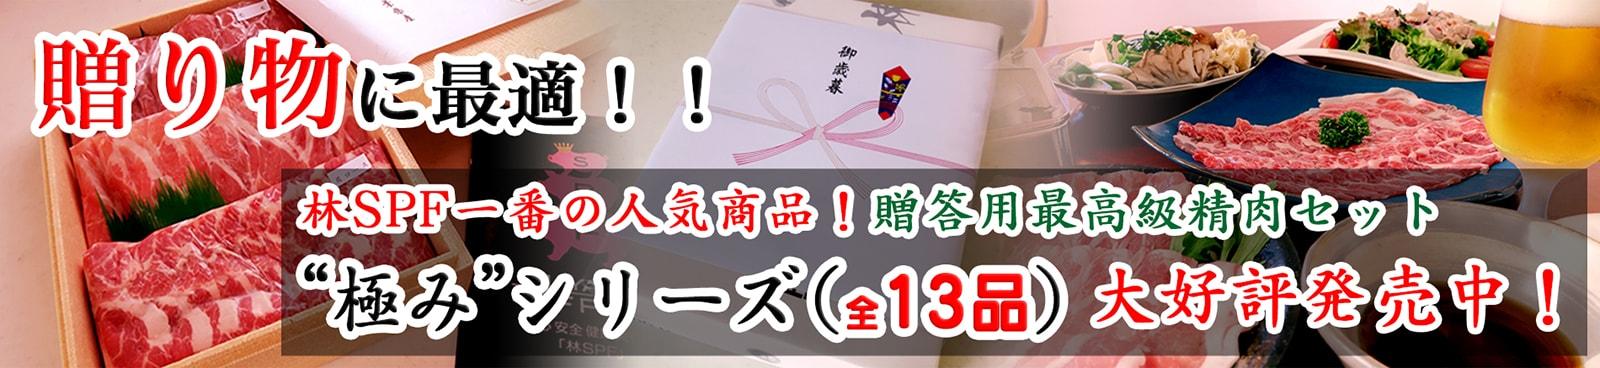 贈り物に最適!林SPF一番の人気商品!贈答用最高級精肉セット極みシリーズ(全13品)大好評発売中!